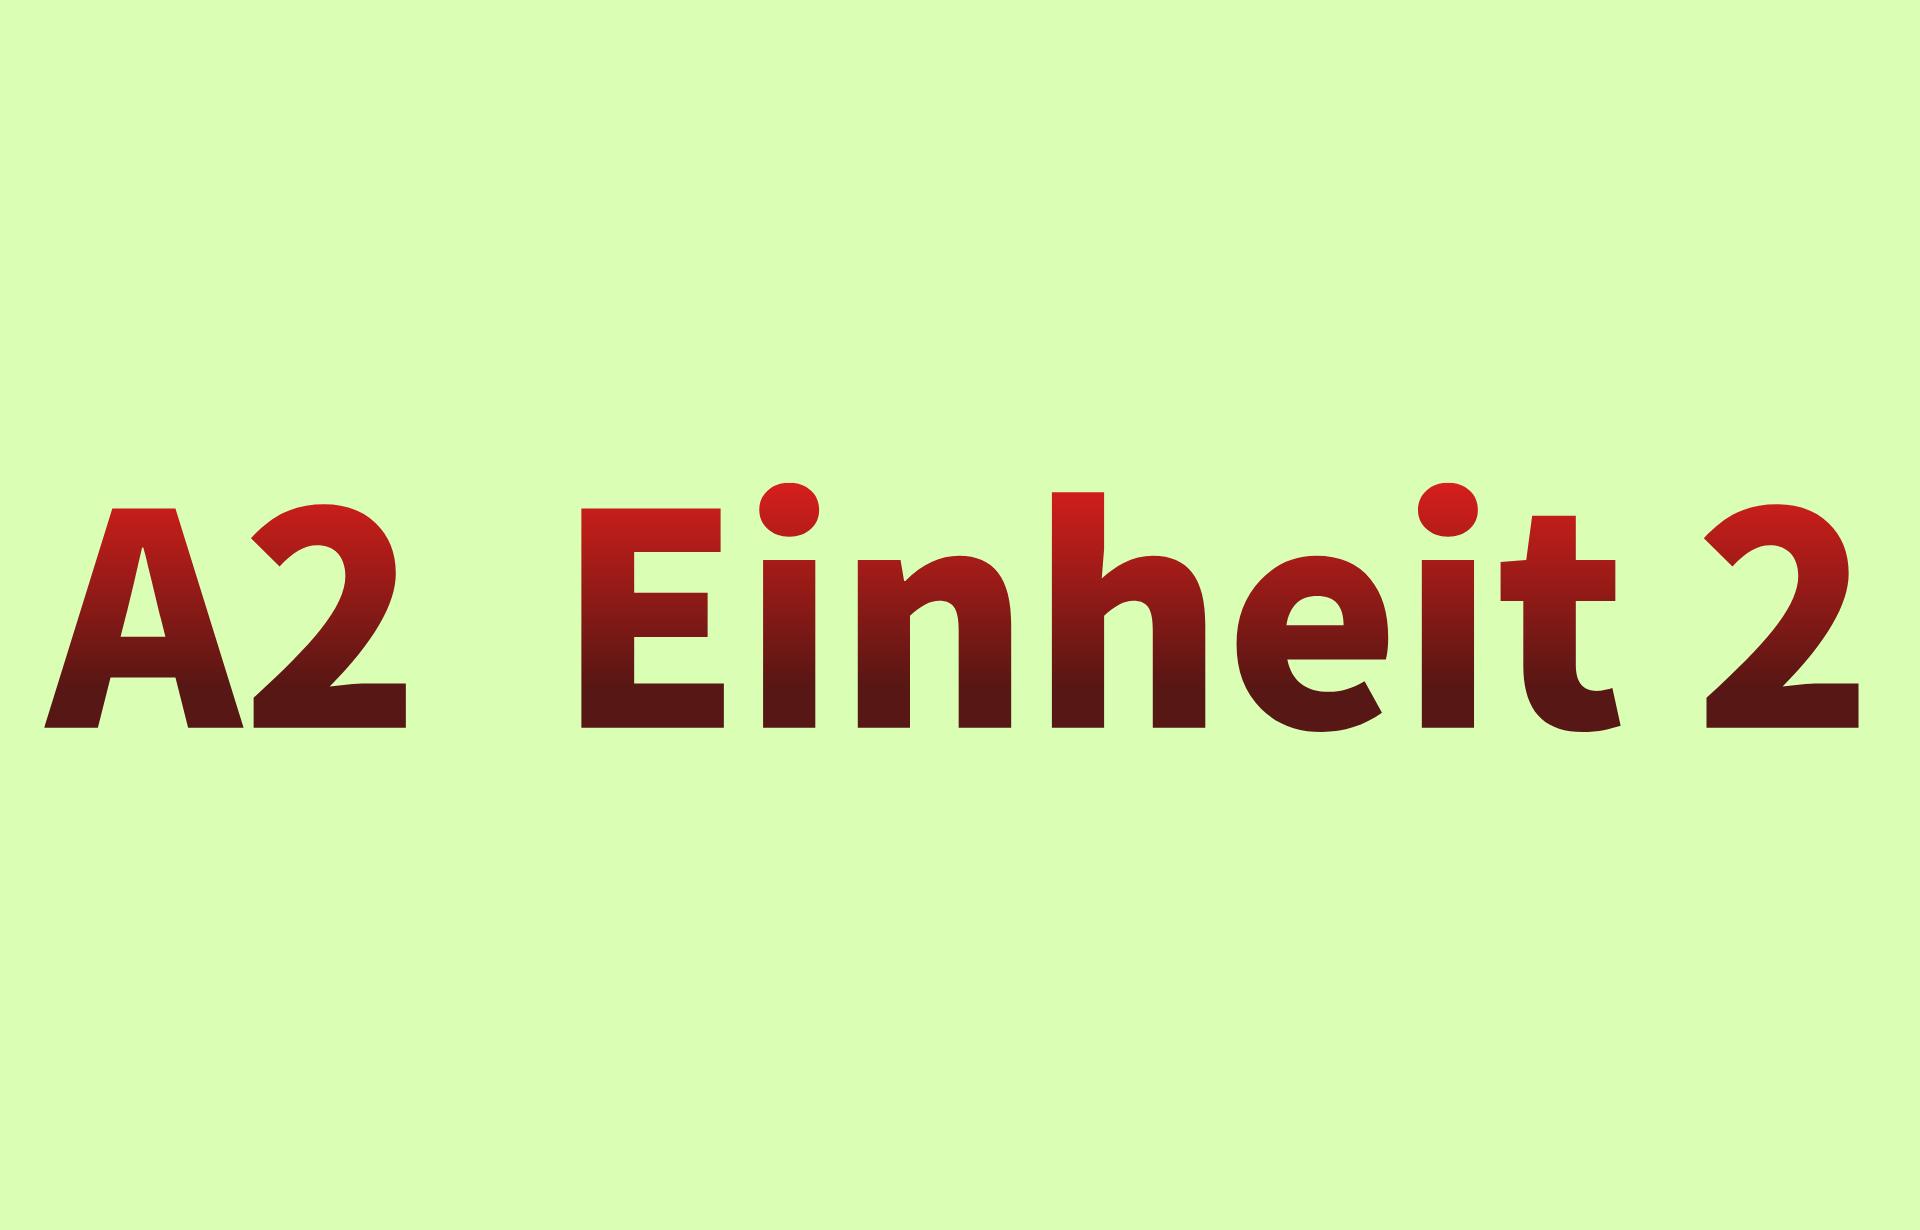 A2  Einheit 2